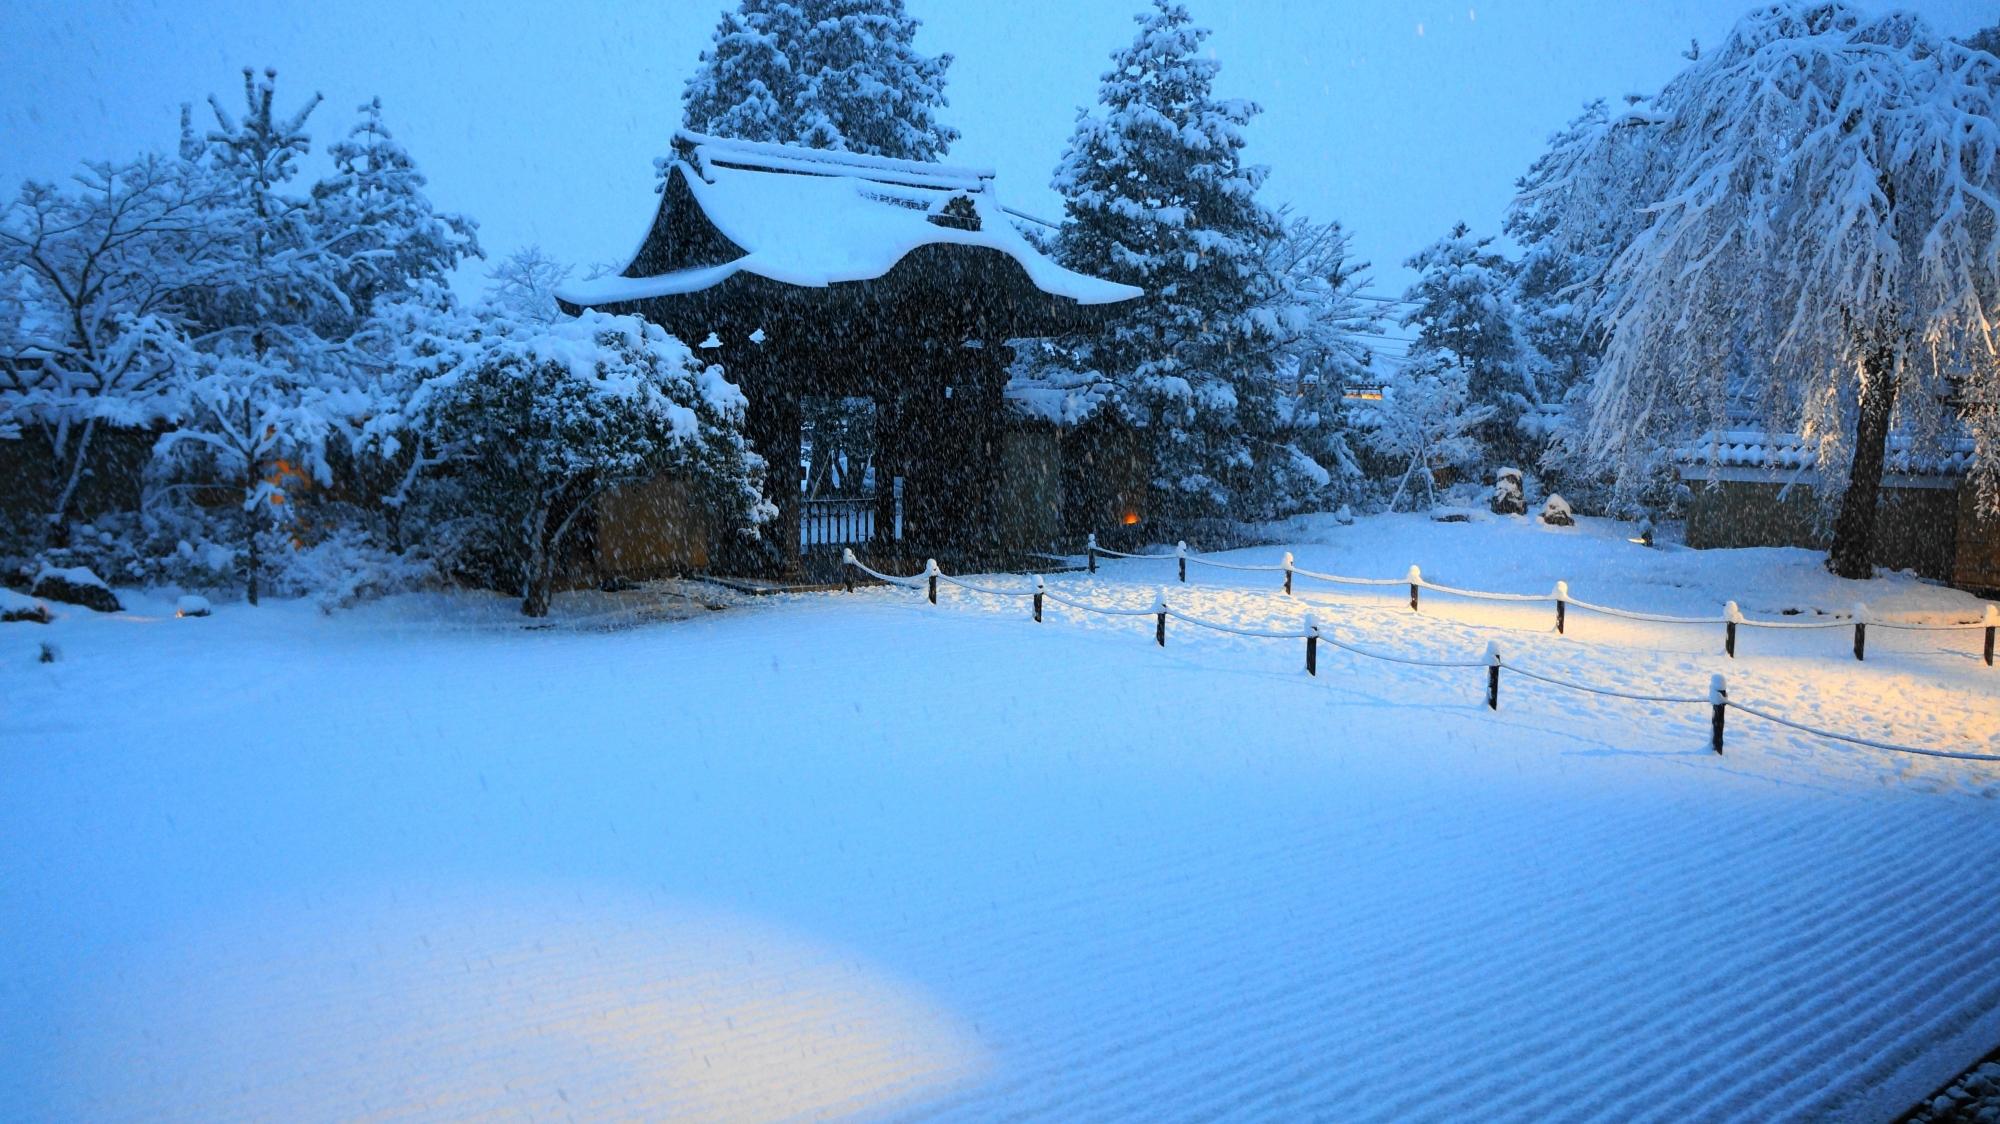 一面真っ白な雪につつまれた方丈庭園の冬景色